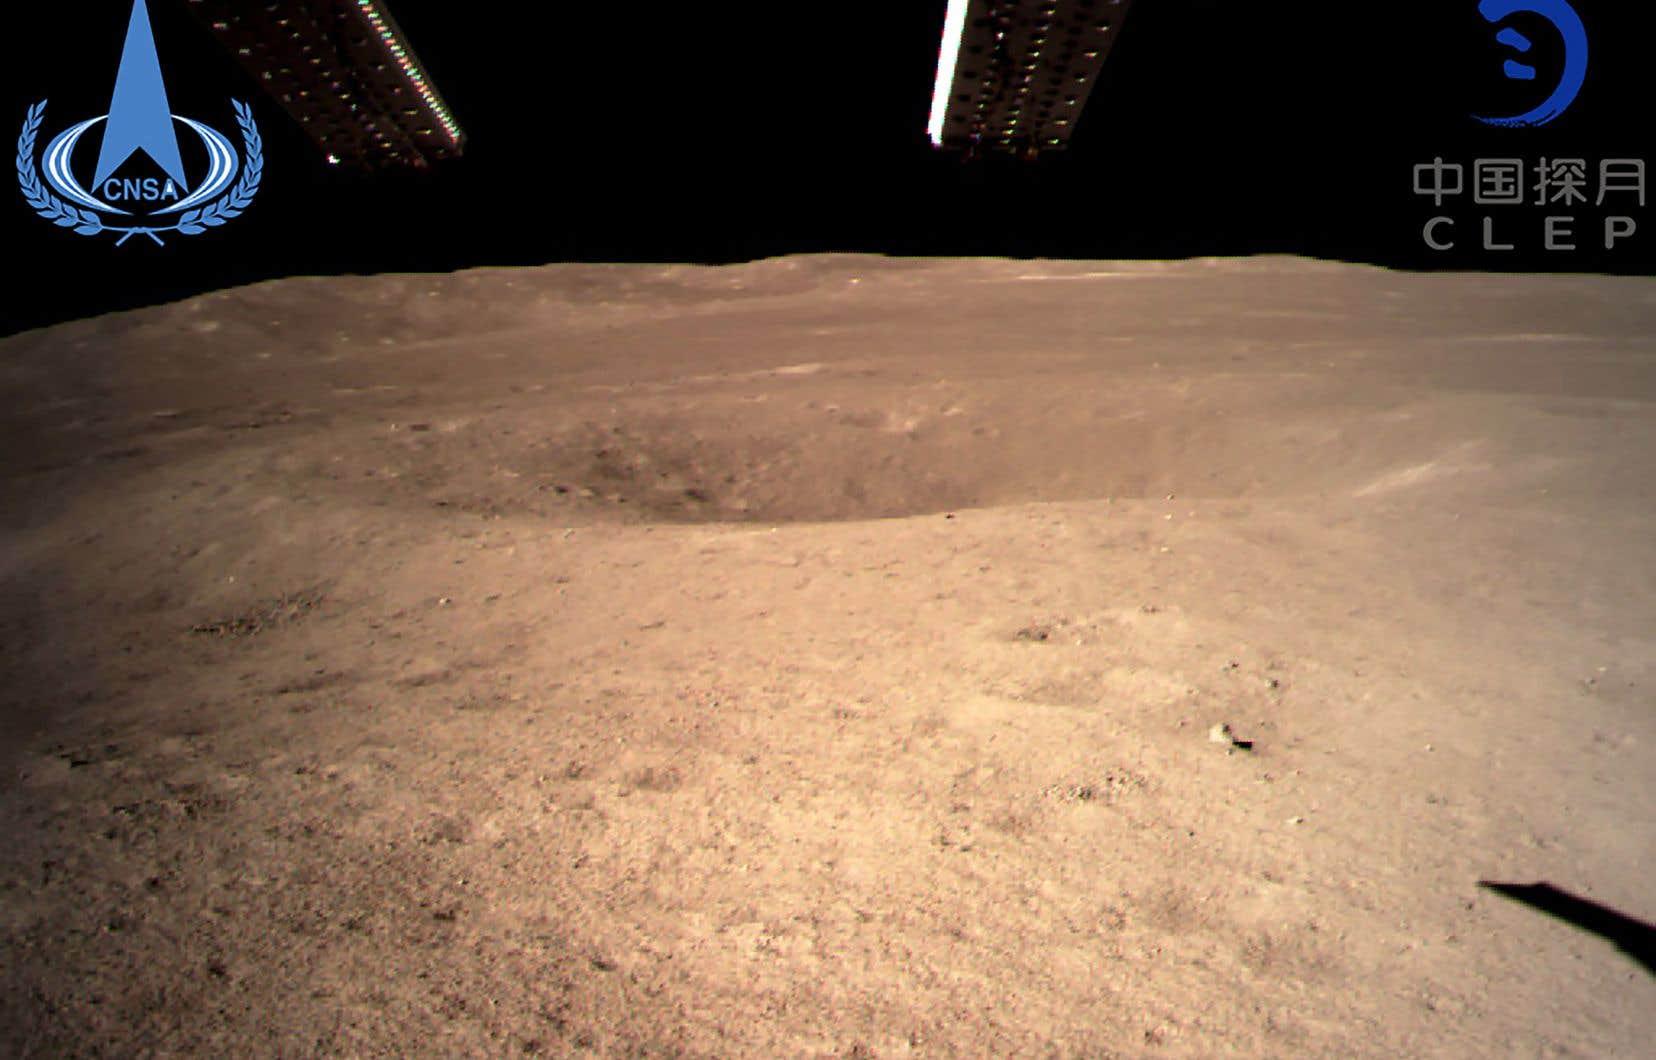 L'agence spatiale chinoise a publié jeudi une photo de la face cachée de la Lune prise par la sonde «Chang'e-4».